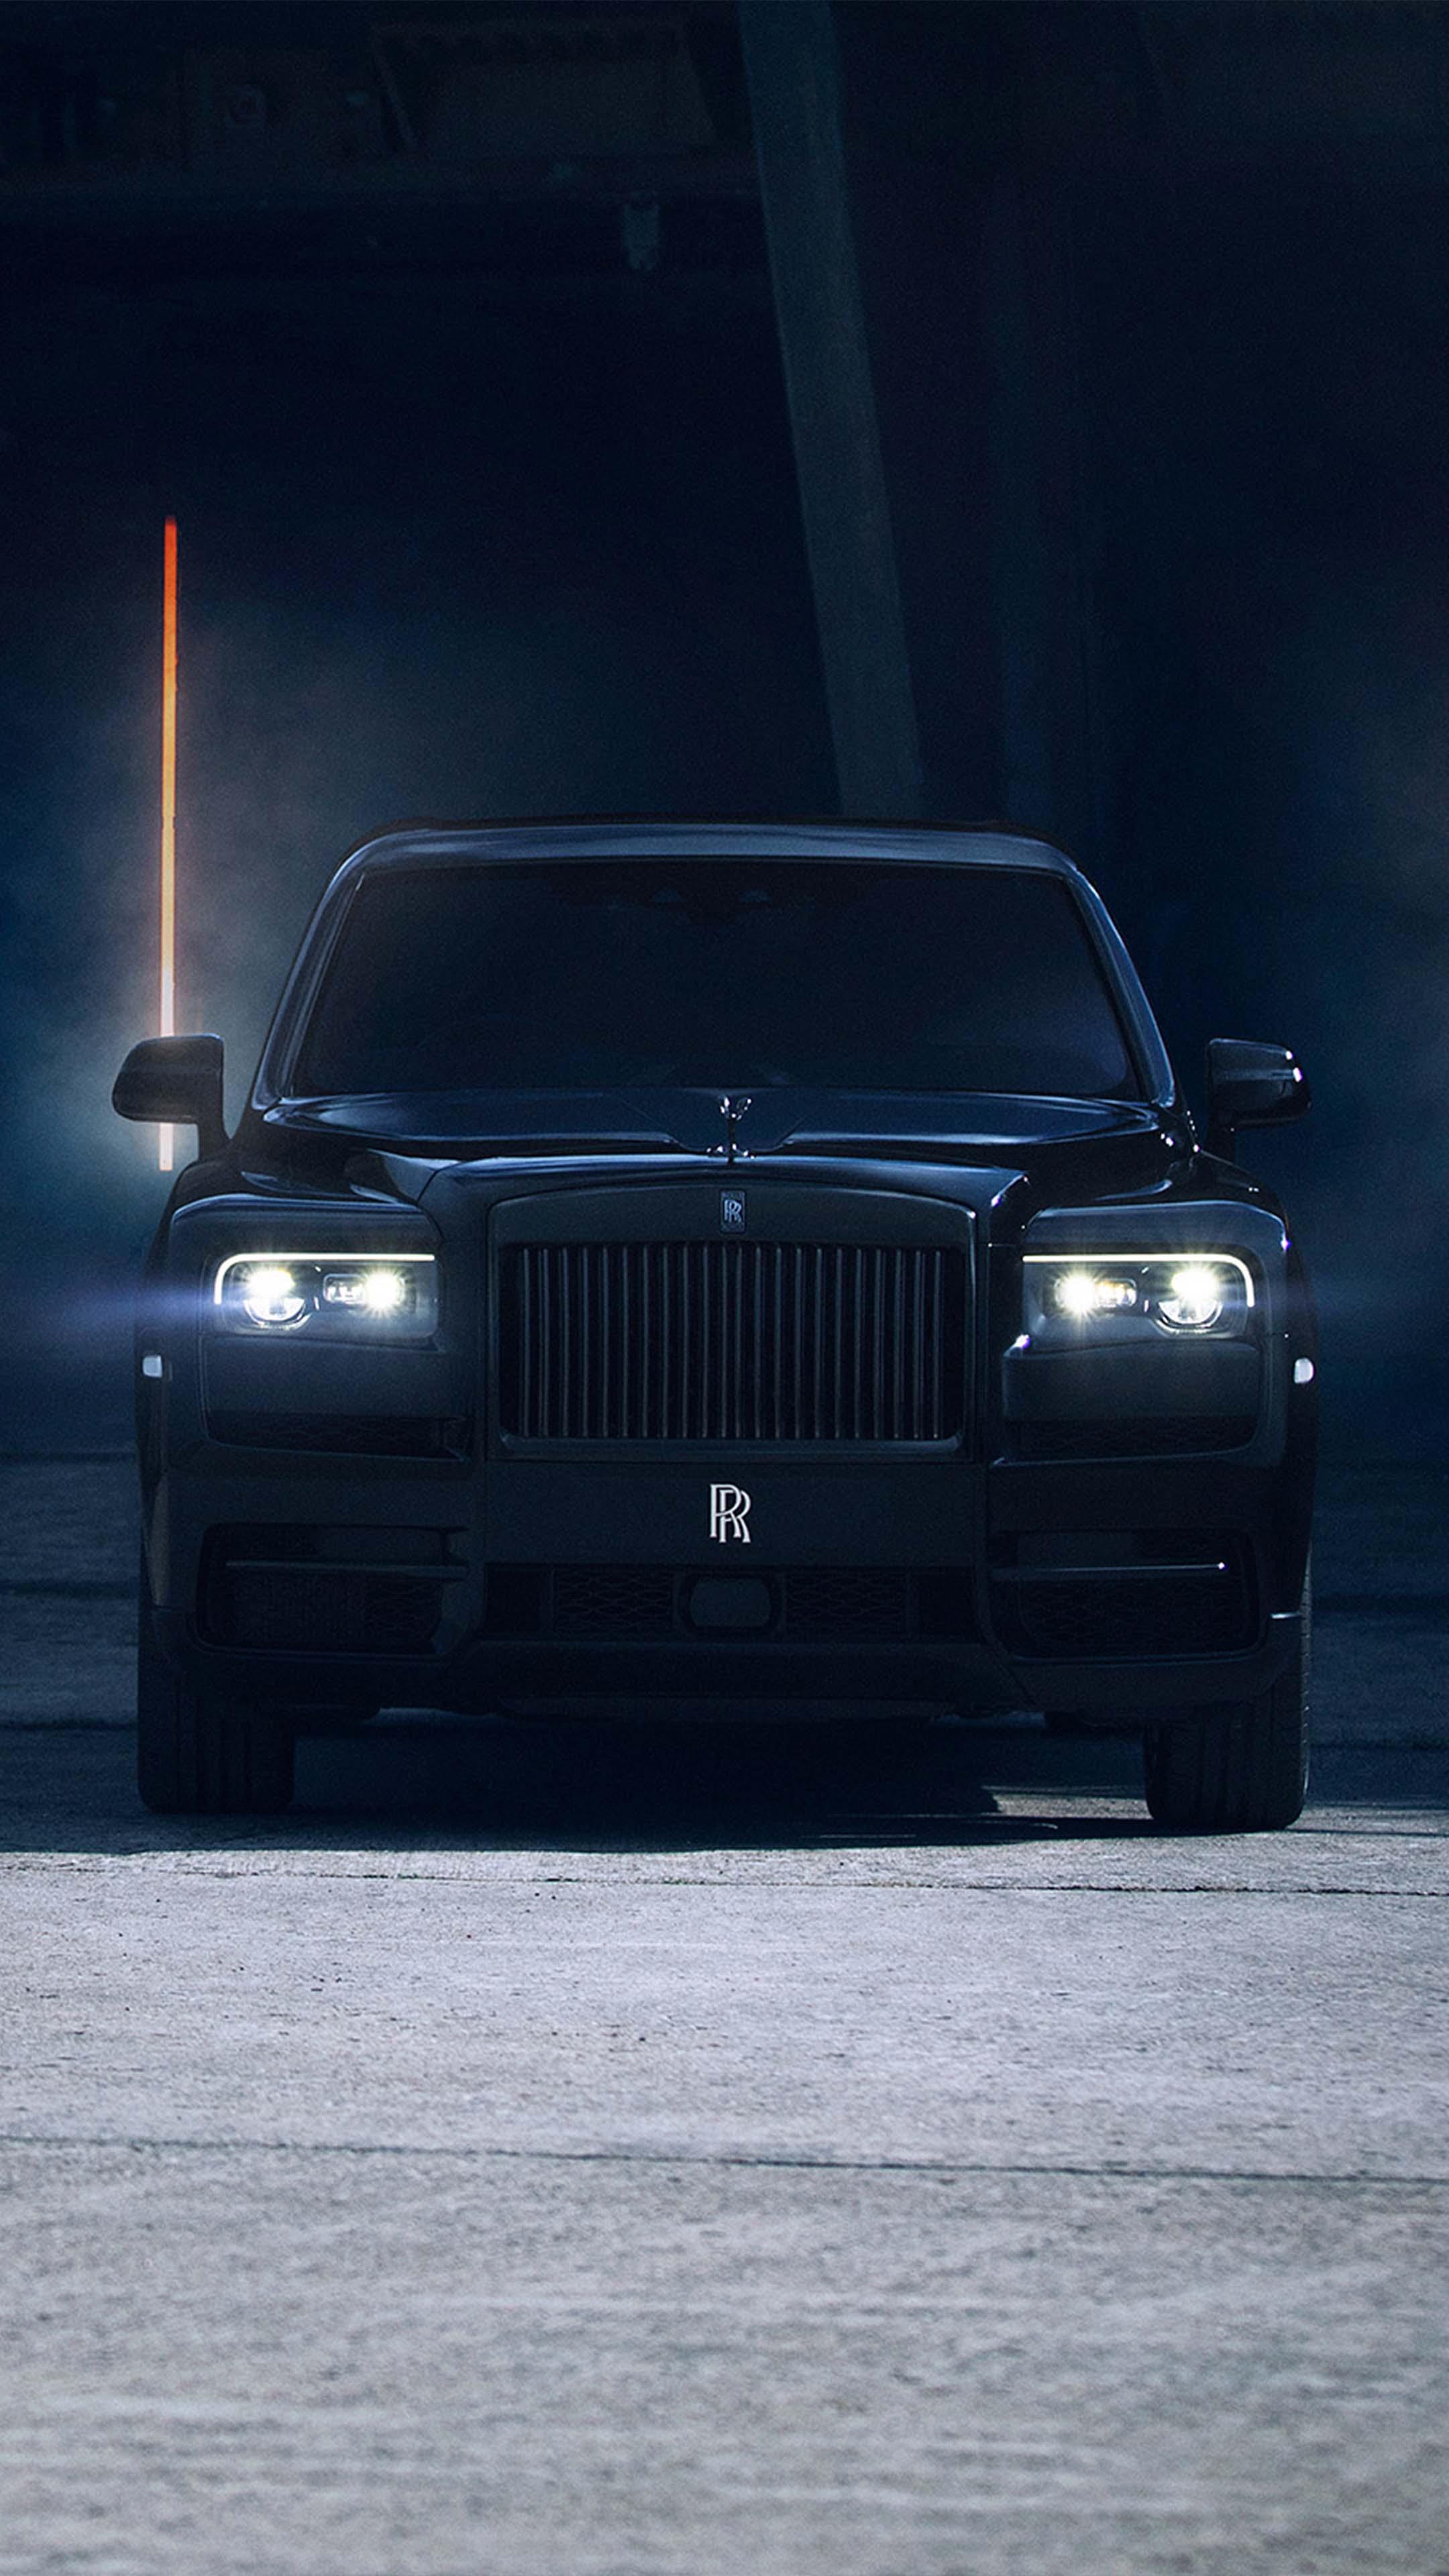 Rolls Royce Cullinan Black Badge 2019 4k Ultra Hd Mobile Wallpaper